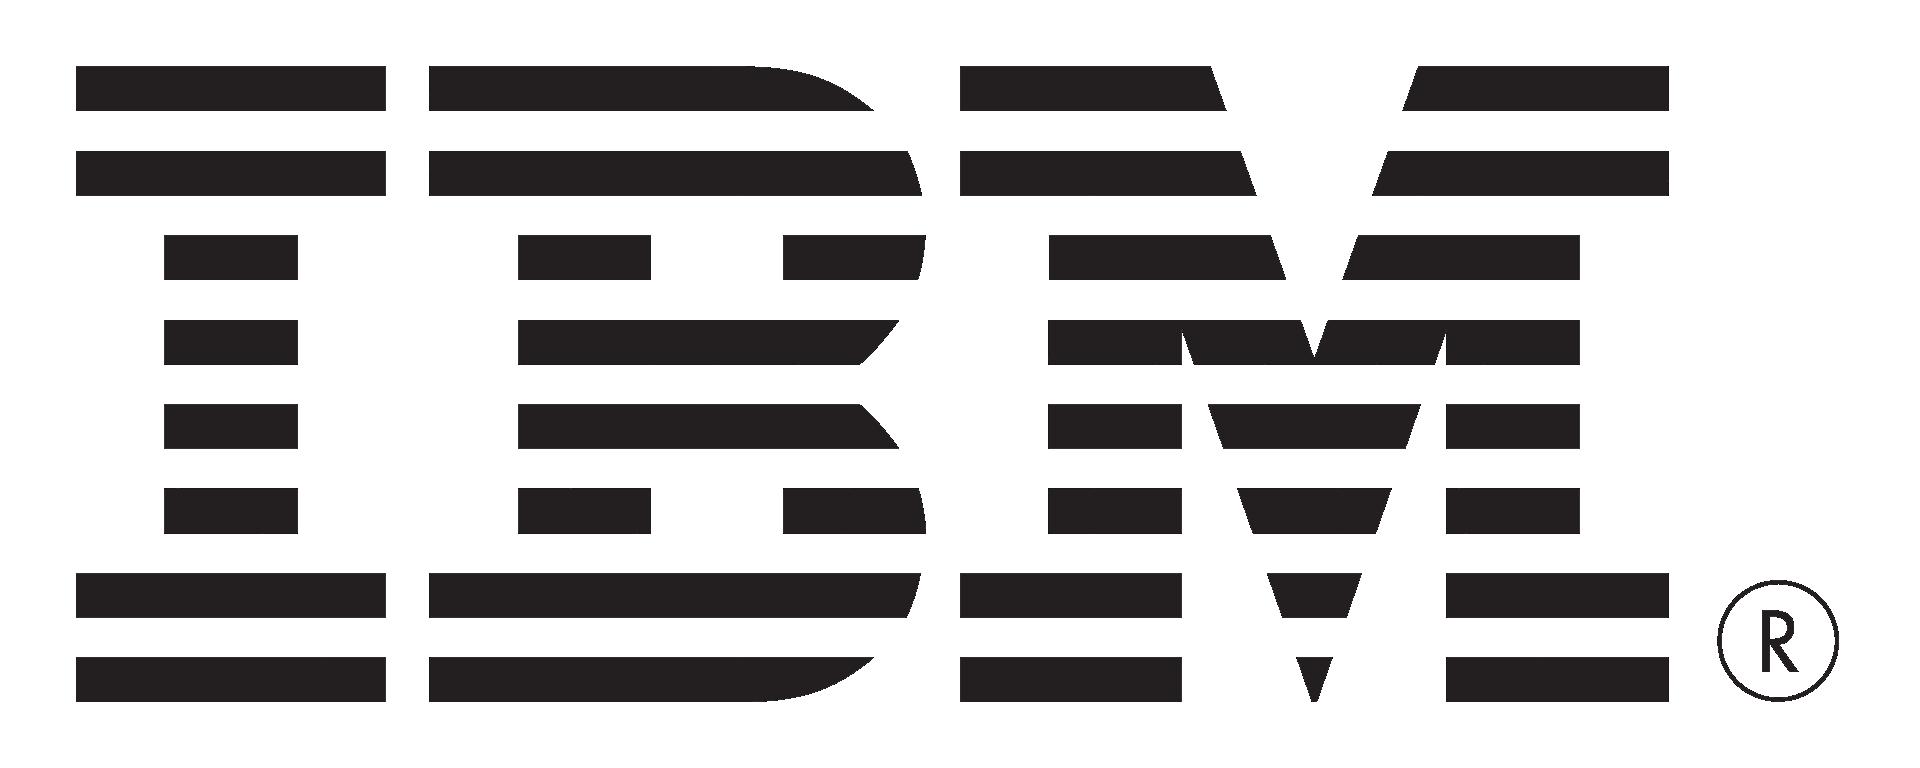 Logo Ibm PNG-PlusPNG.com-1920 - Logo Ibm PNG